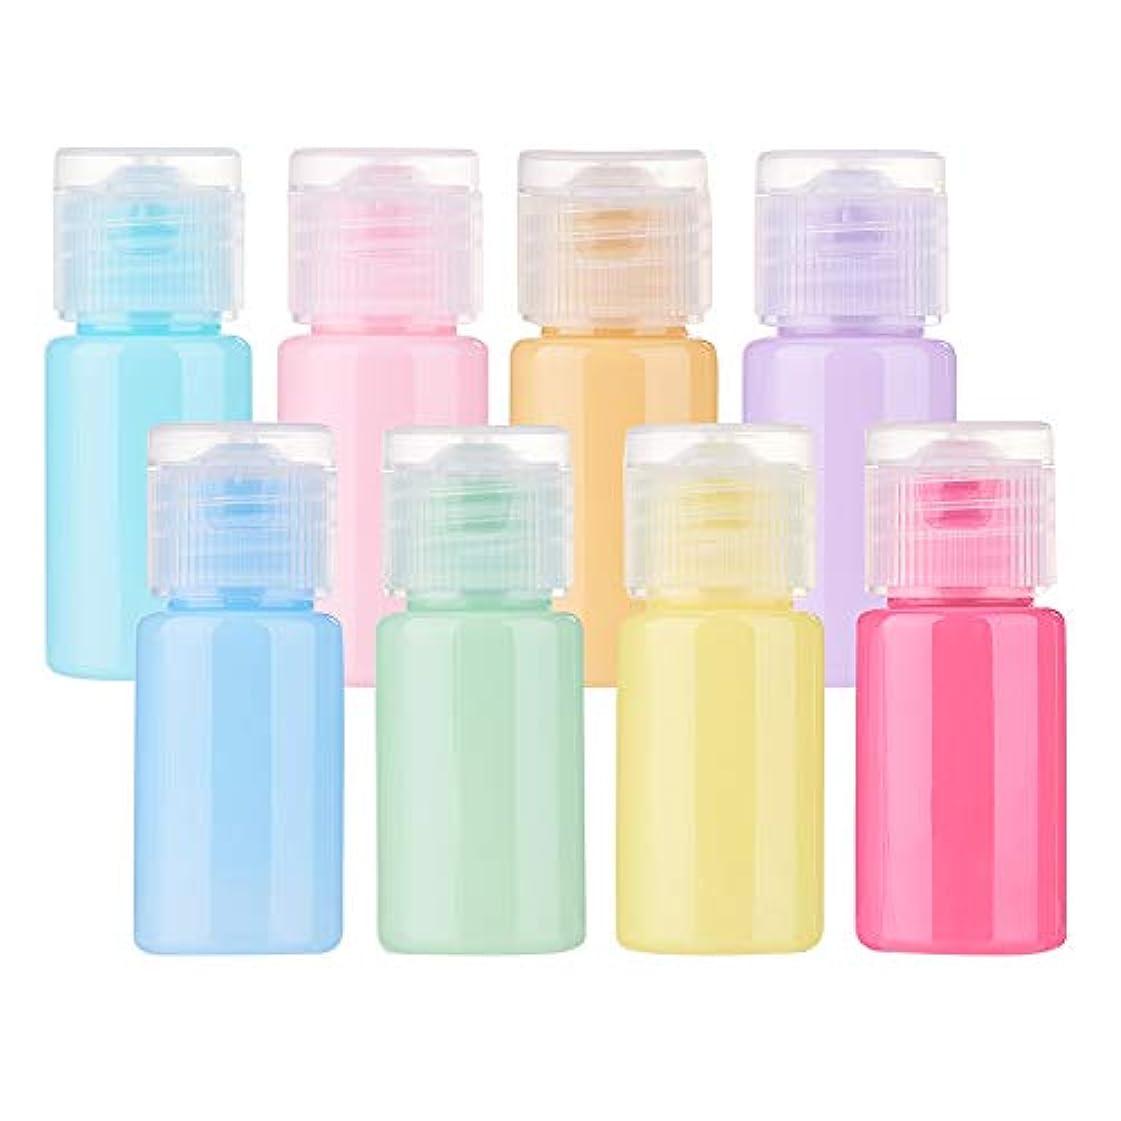 鎮痛剤申し込むビートBENECREAT 24個セット10mlマカロン色ボトル カラフルボトル プラスチック製 フリップキャップ クリーム 化粧品小分け 旅行 詰め替え容器